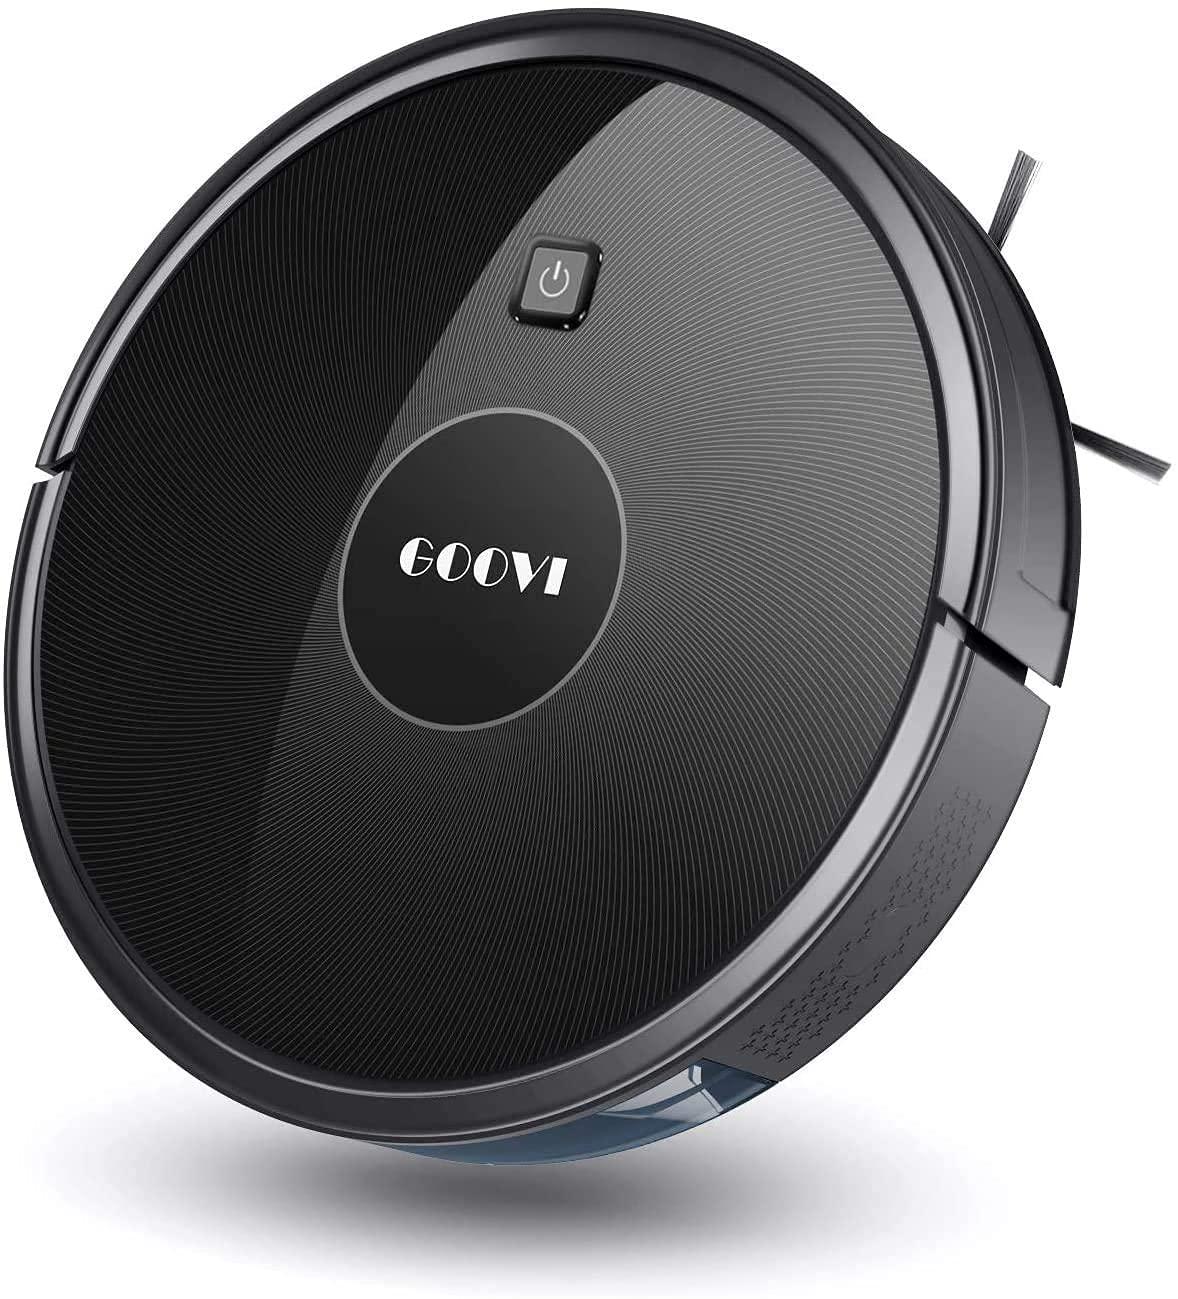 GOOVI Robot Vacuum Cleaner